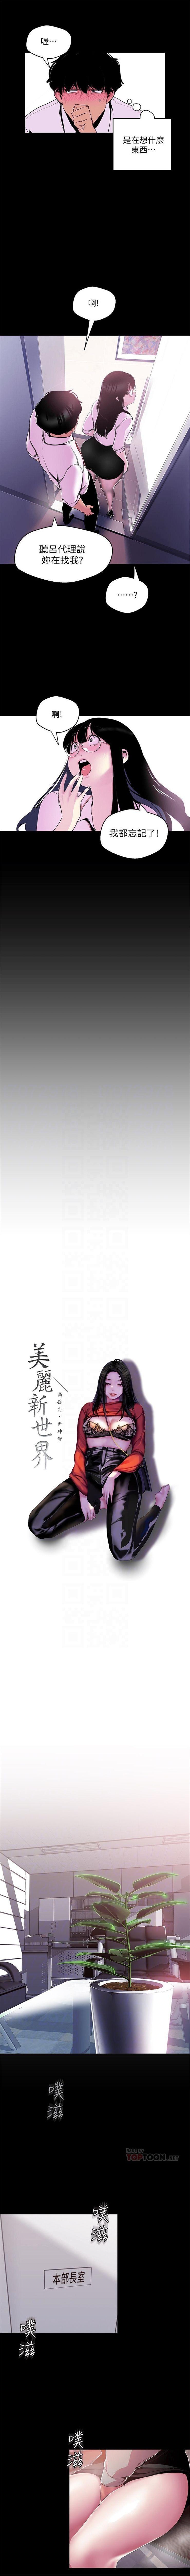 (周6)美丽新世界 1-61 中文翻译 (更新中) 462